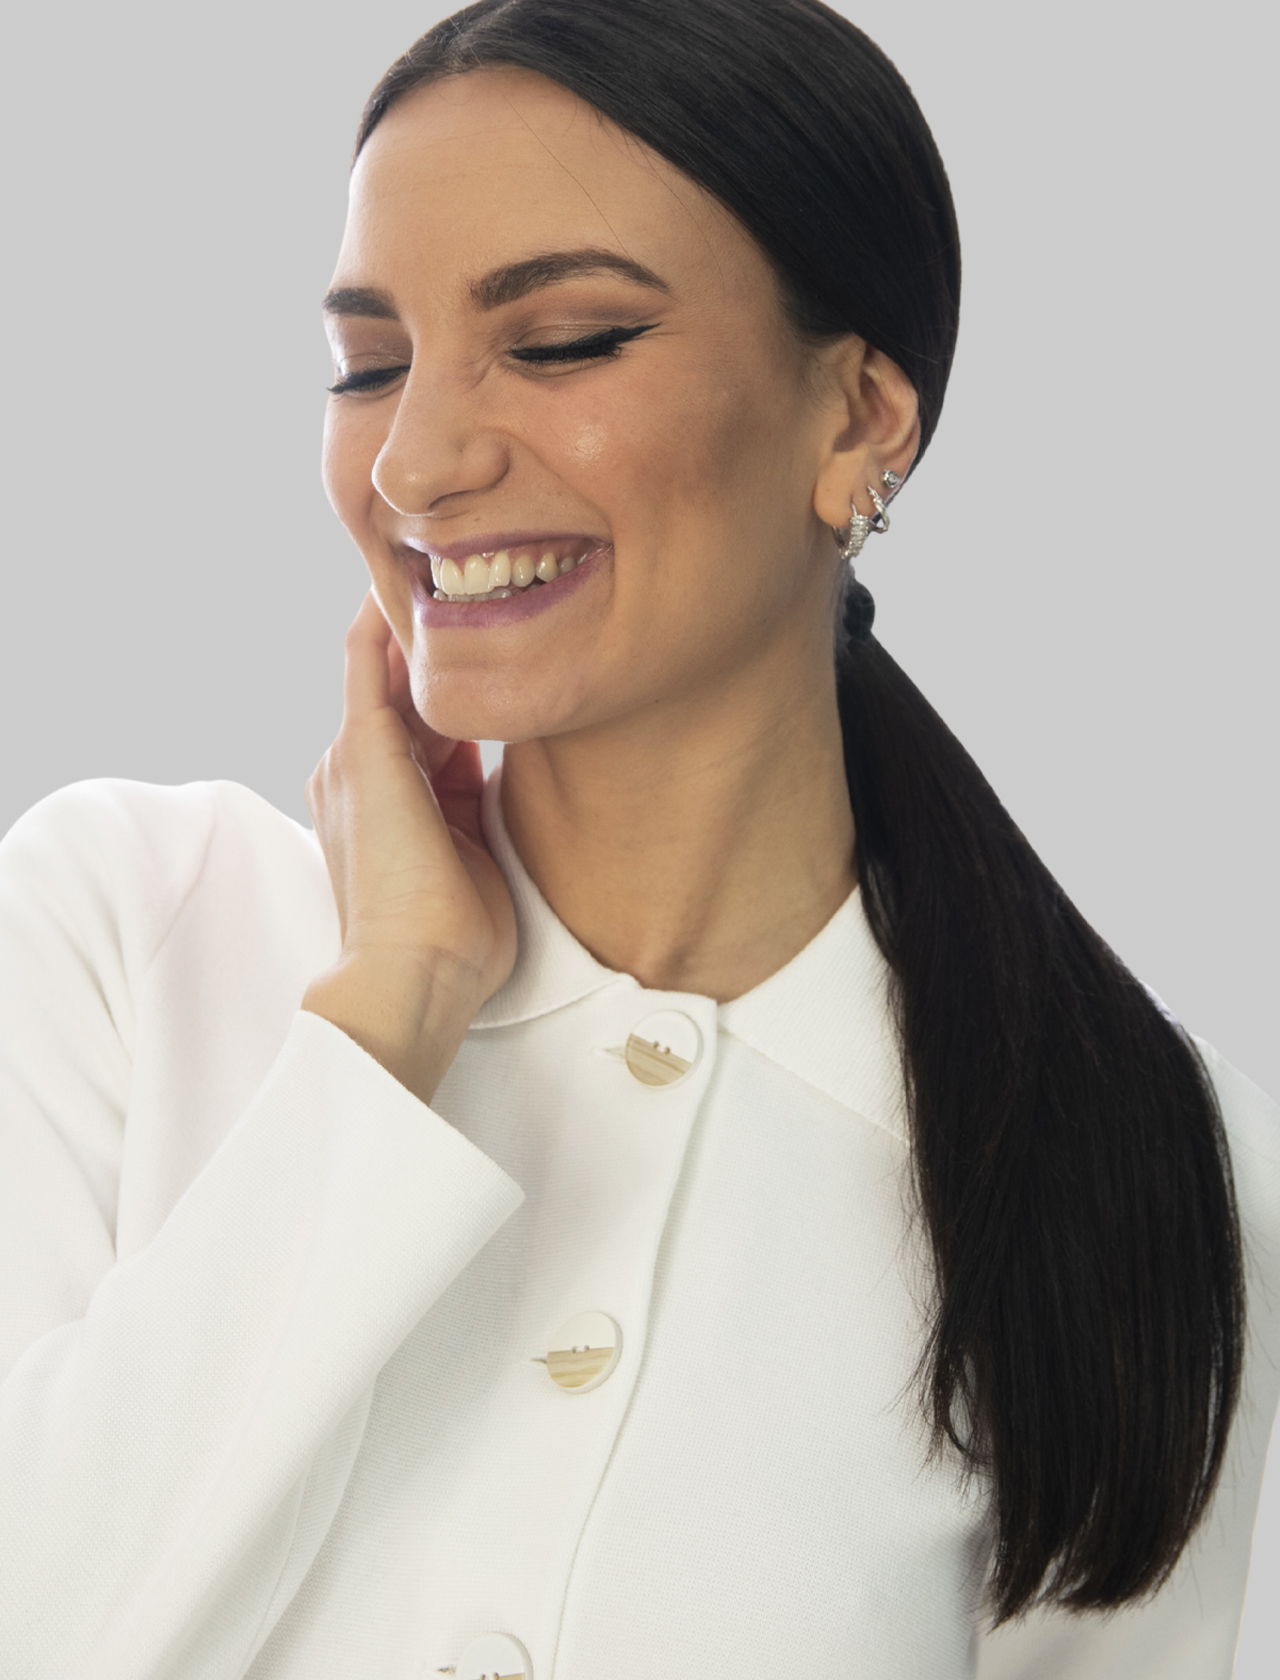 Abbigliamento Donna Giacca Camicia Unit Milano Stitch in Cotone Bianco 3 Bottoni Maliparmi | Giacche e giubbini | JD63937029810001